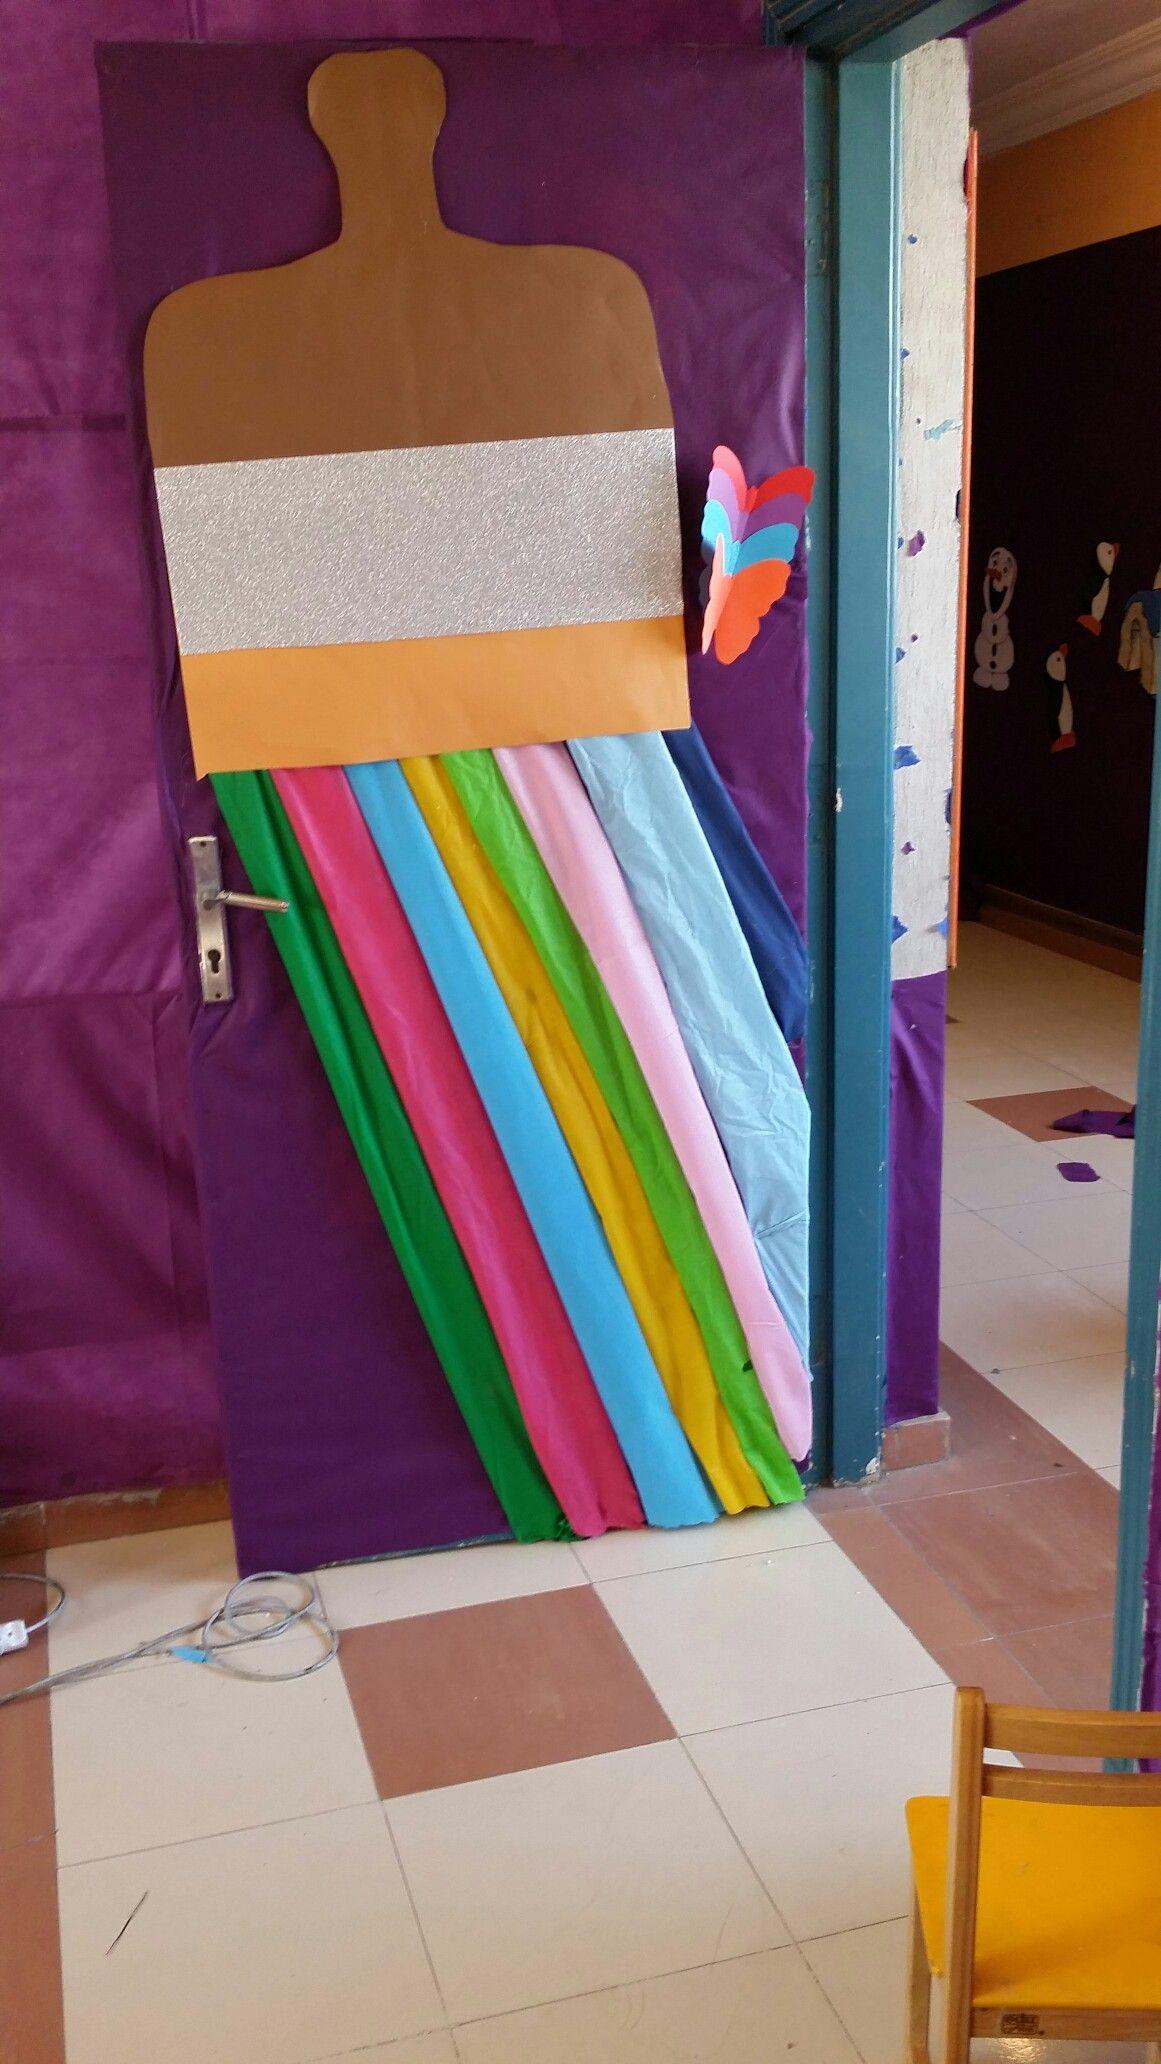 Classroom window decoration  Kg class door  class decoration  Pinterest  Class door and Class